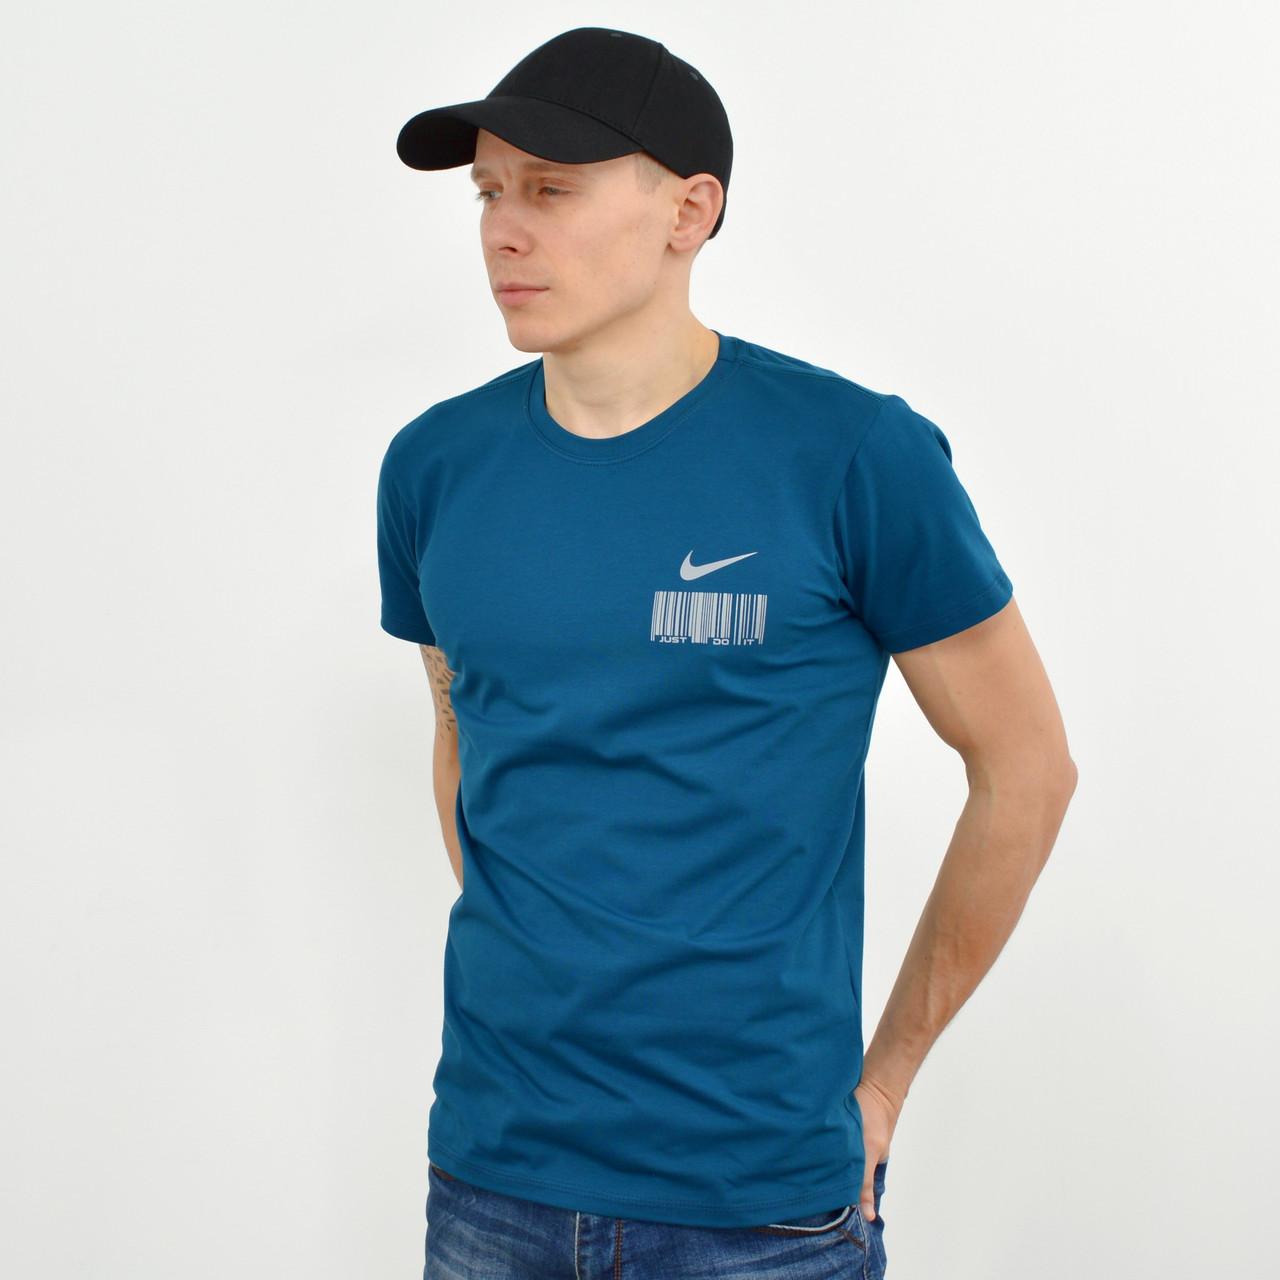 Мужская футболка с накаткой Nike (реплика) морская волна